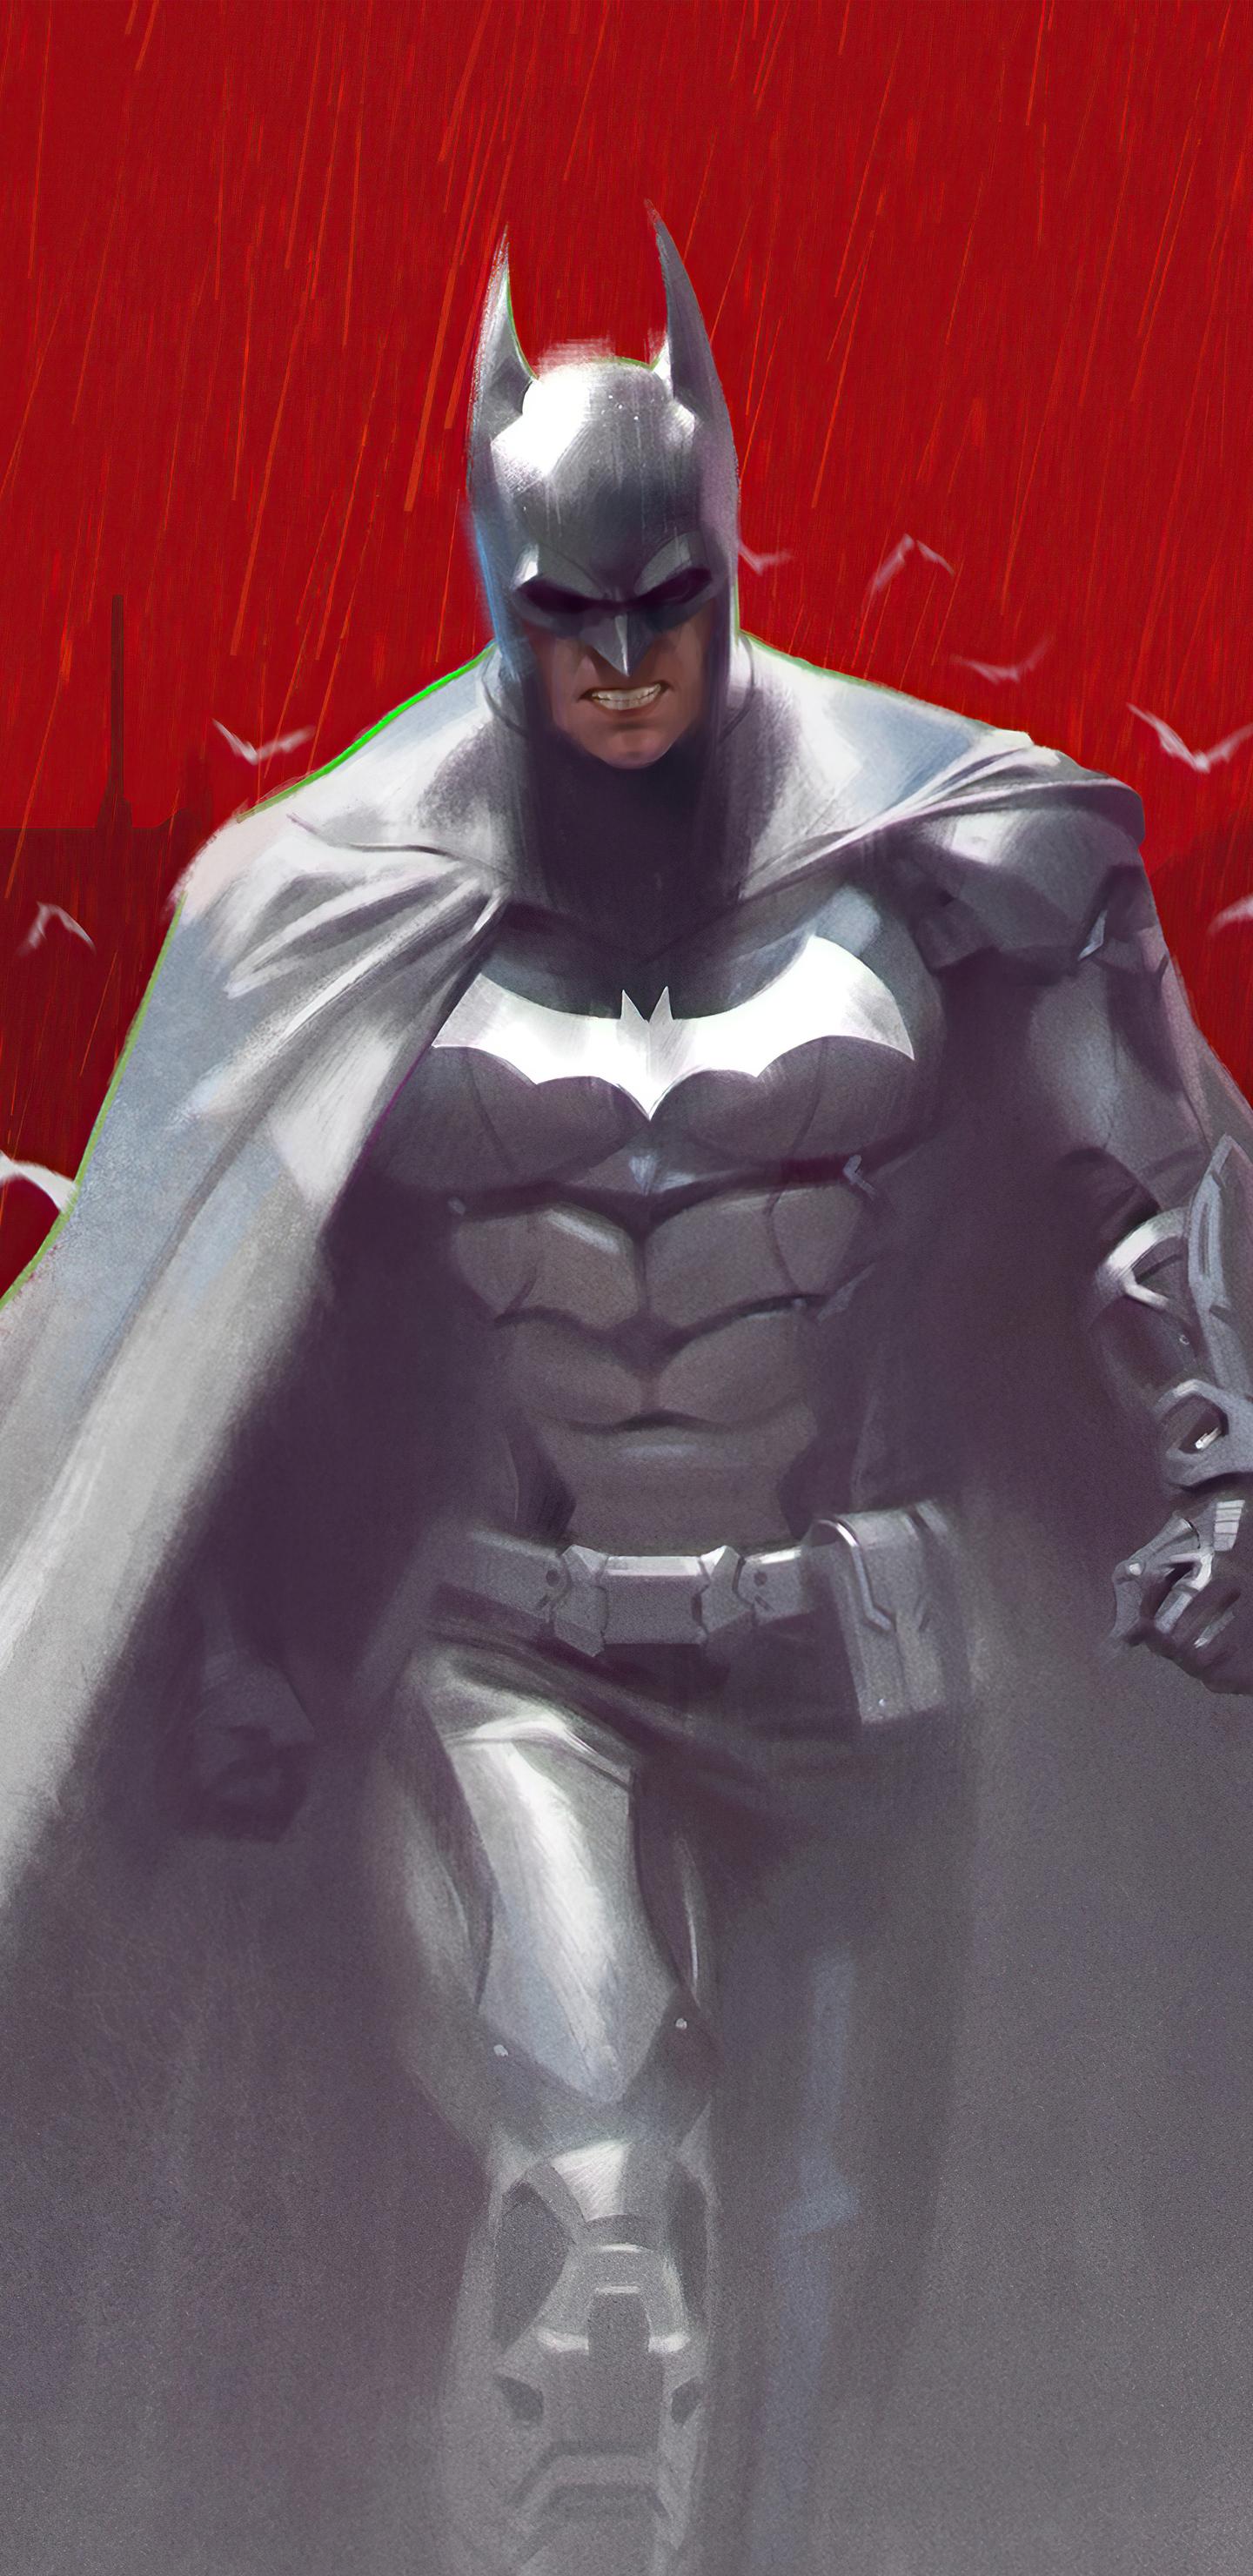 batman-white-suit-5k-tm.jpg